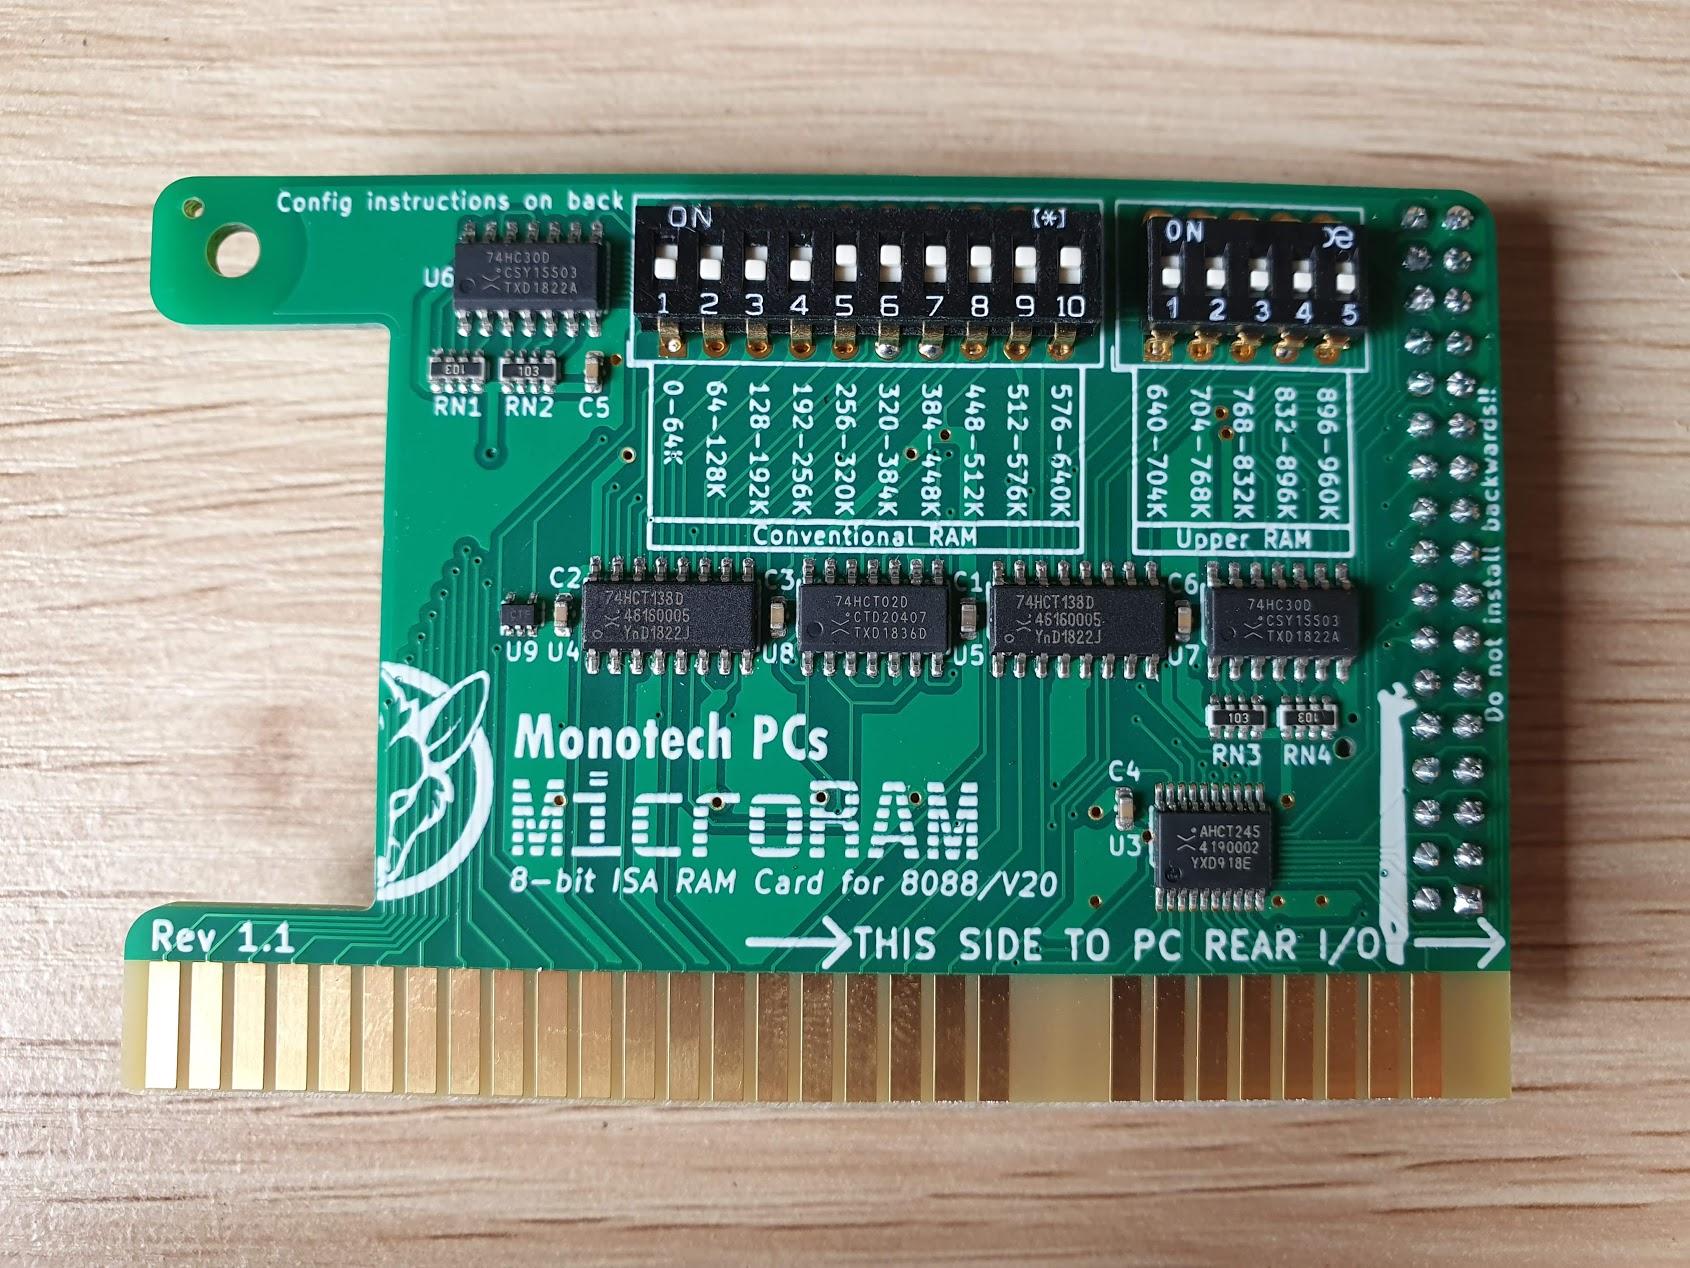 MicroRAM - 640K + UMB RAM - 8-bit ISA